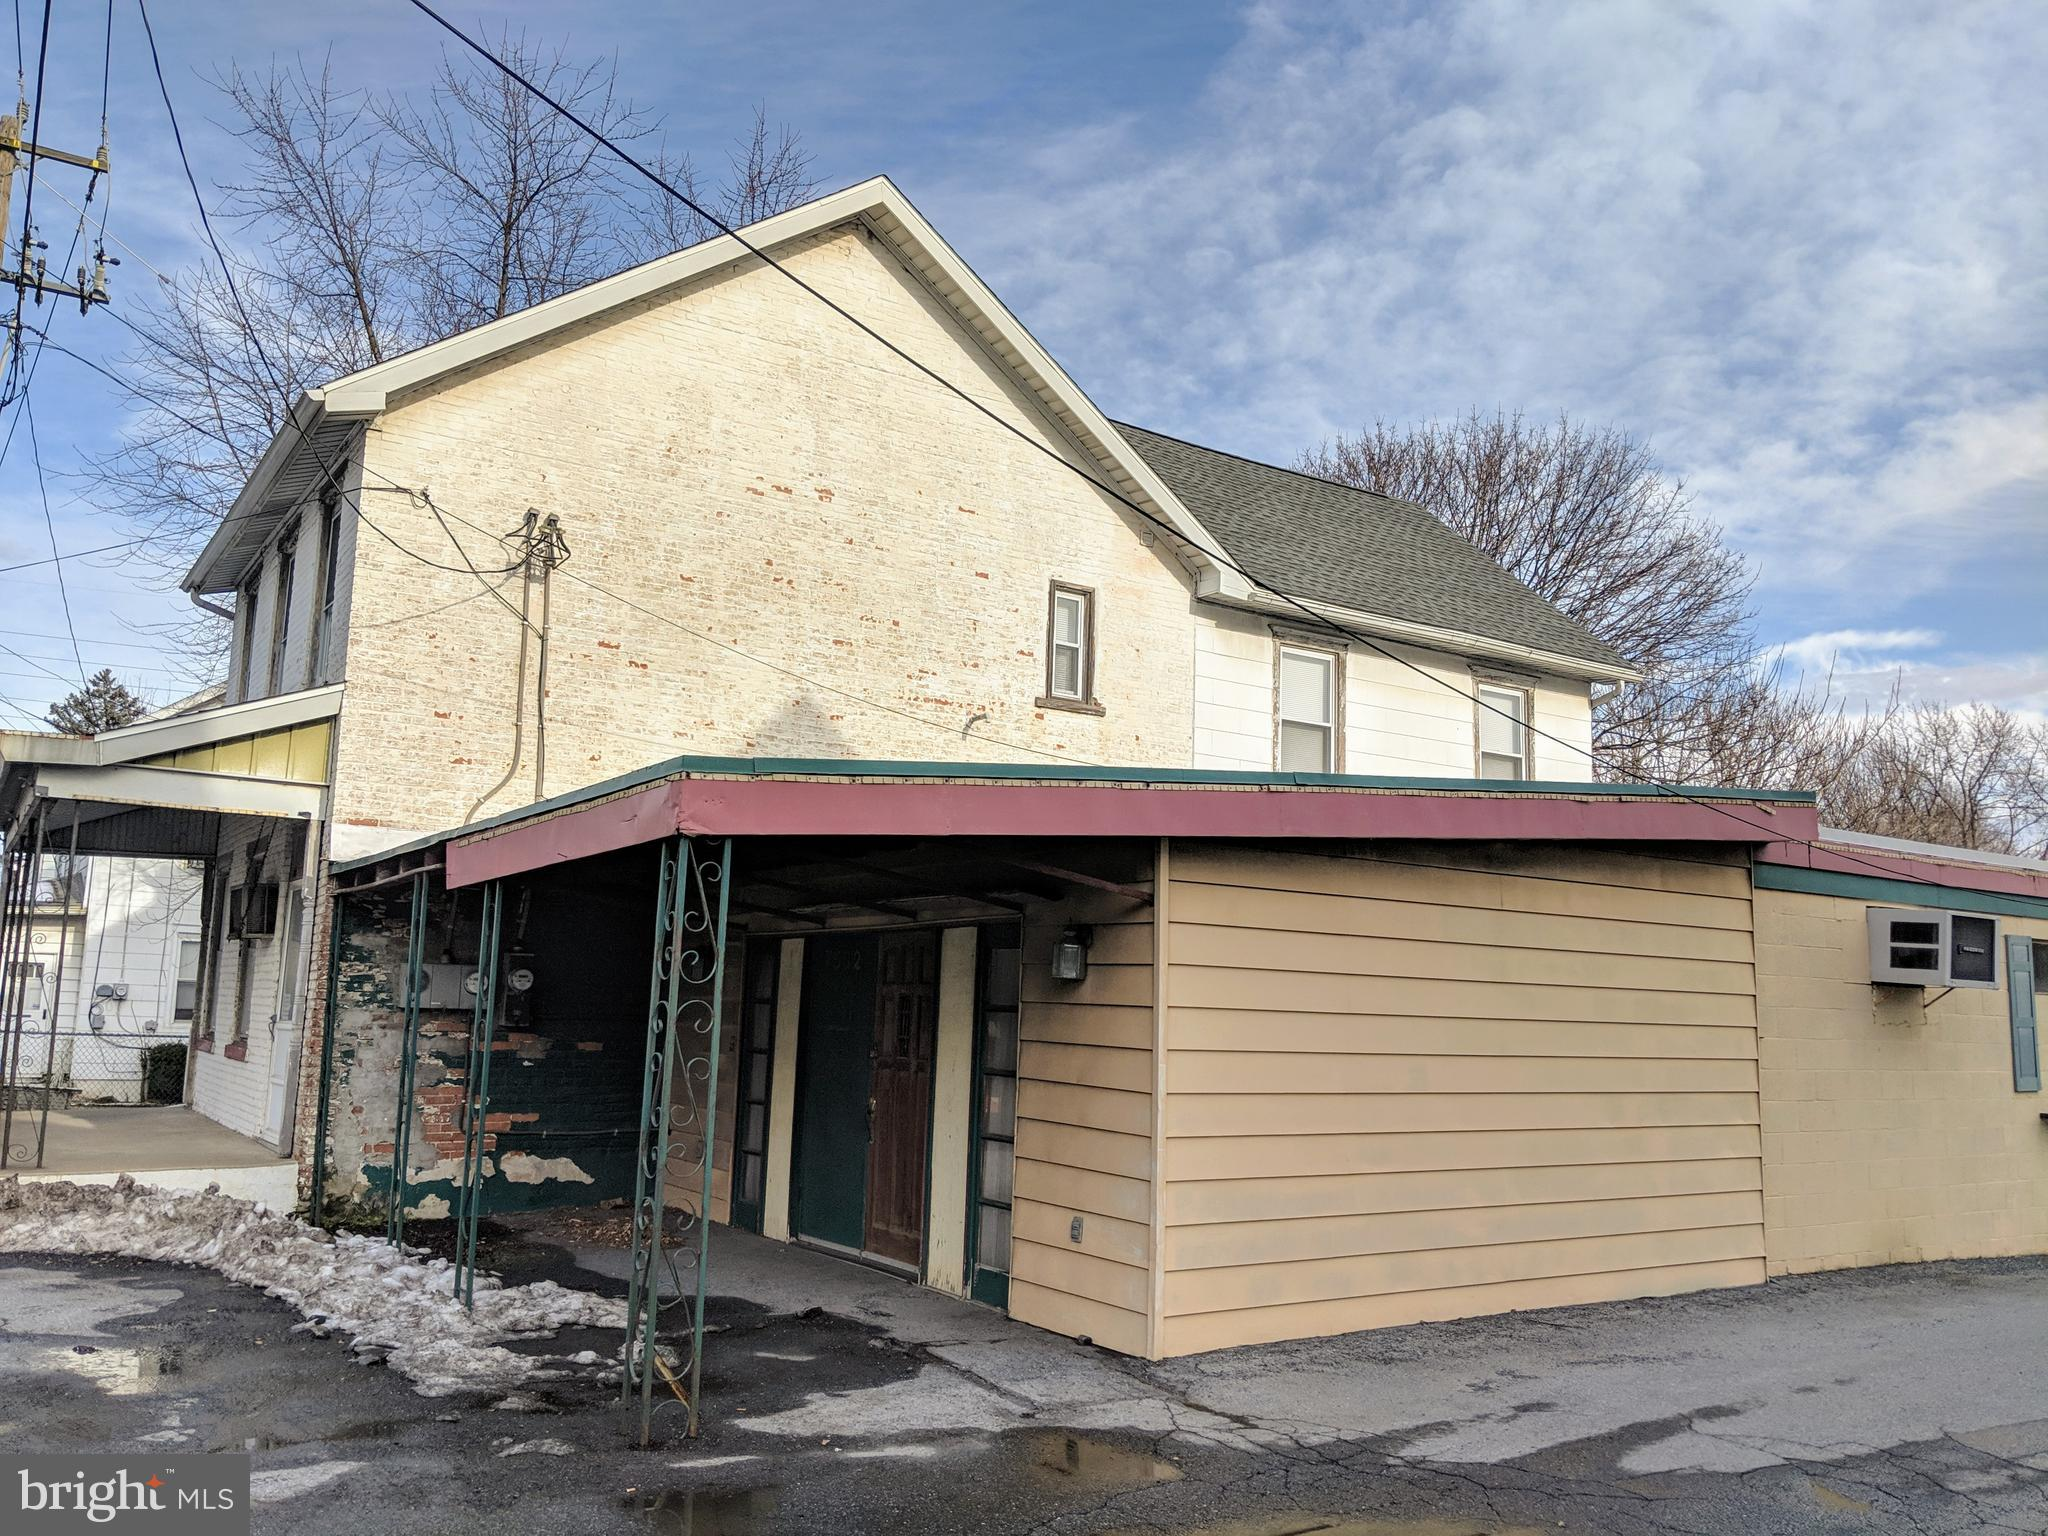 7532 HAMILTON BOULEVARD, TREXLERTOWN, PA 18087